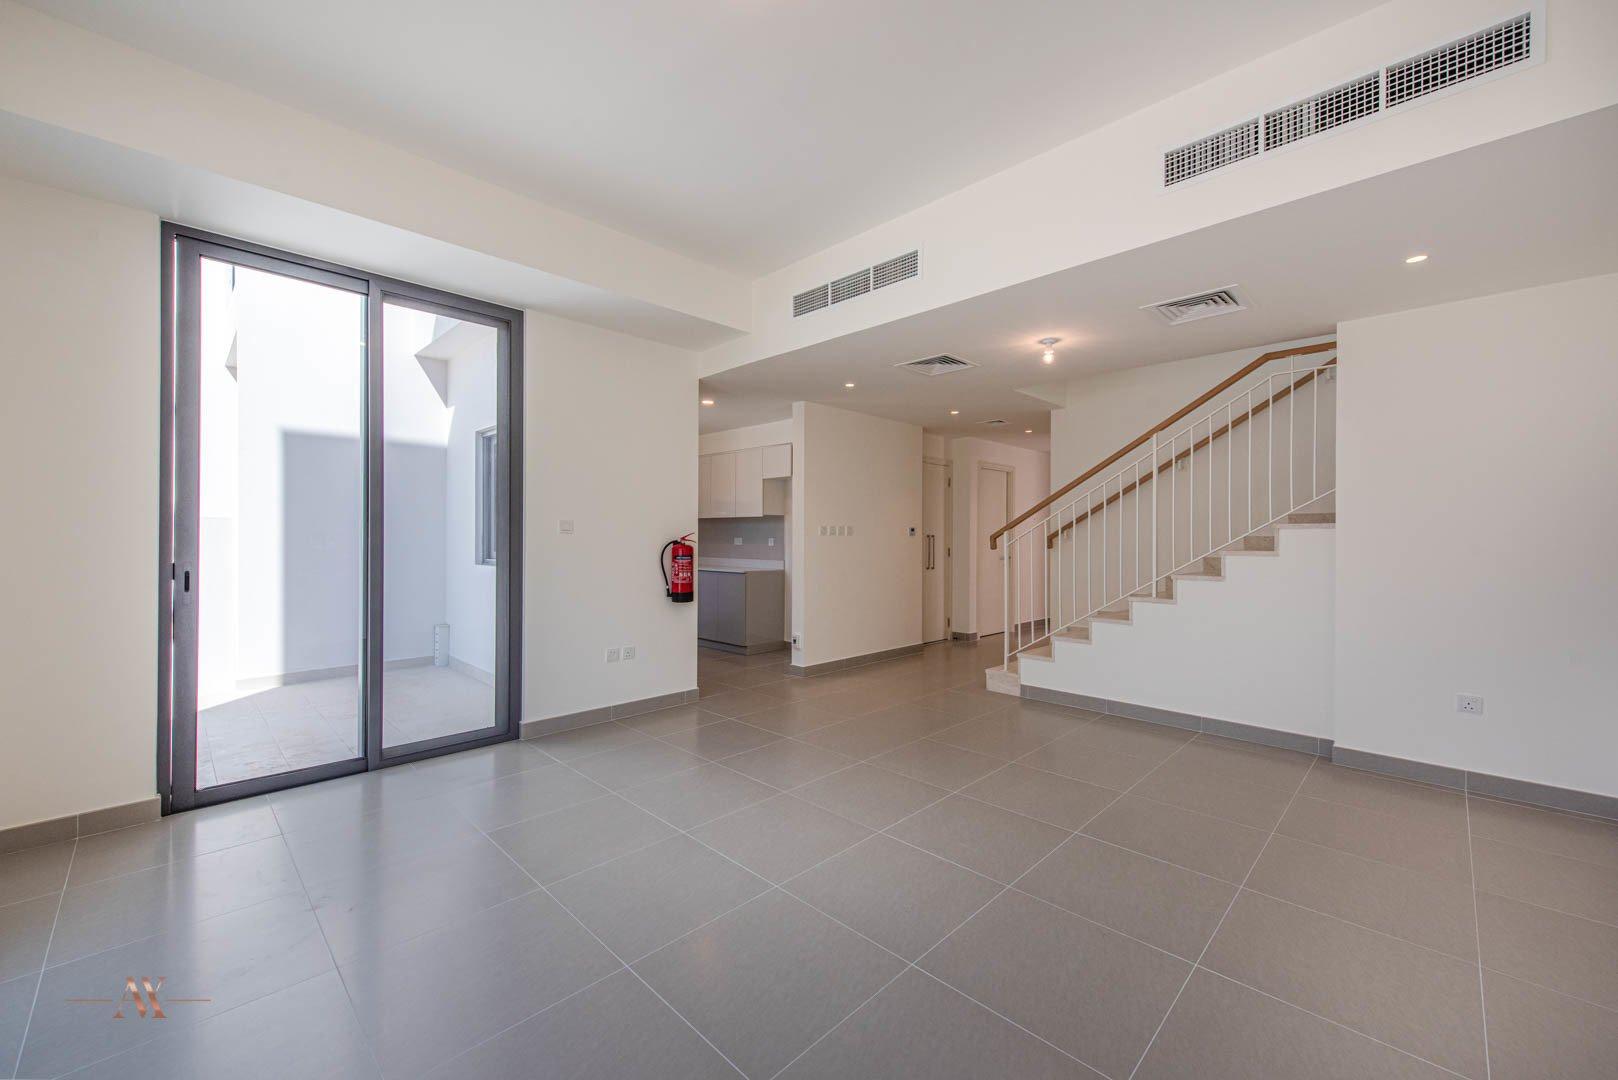 Villa for sale in Dubai, UAE, 3 bedrooms, 194.4 m2, No. 23635 – photo 1